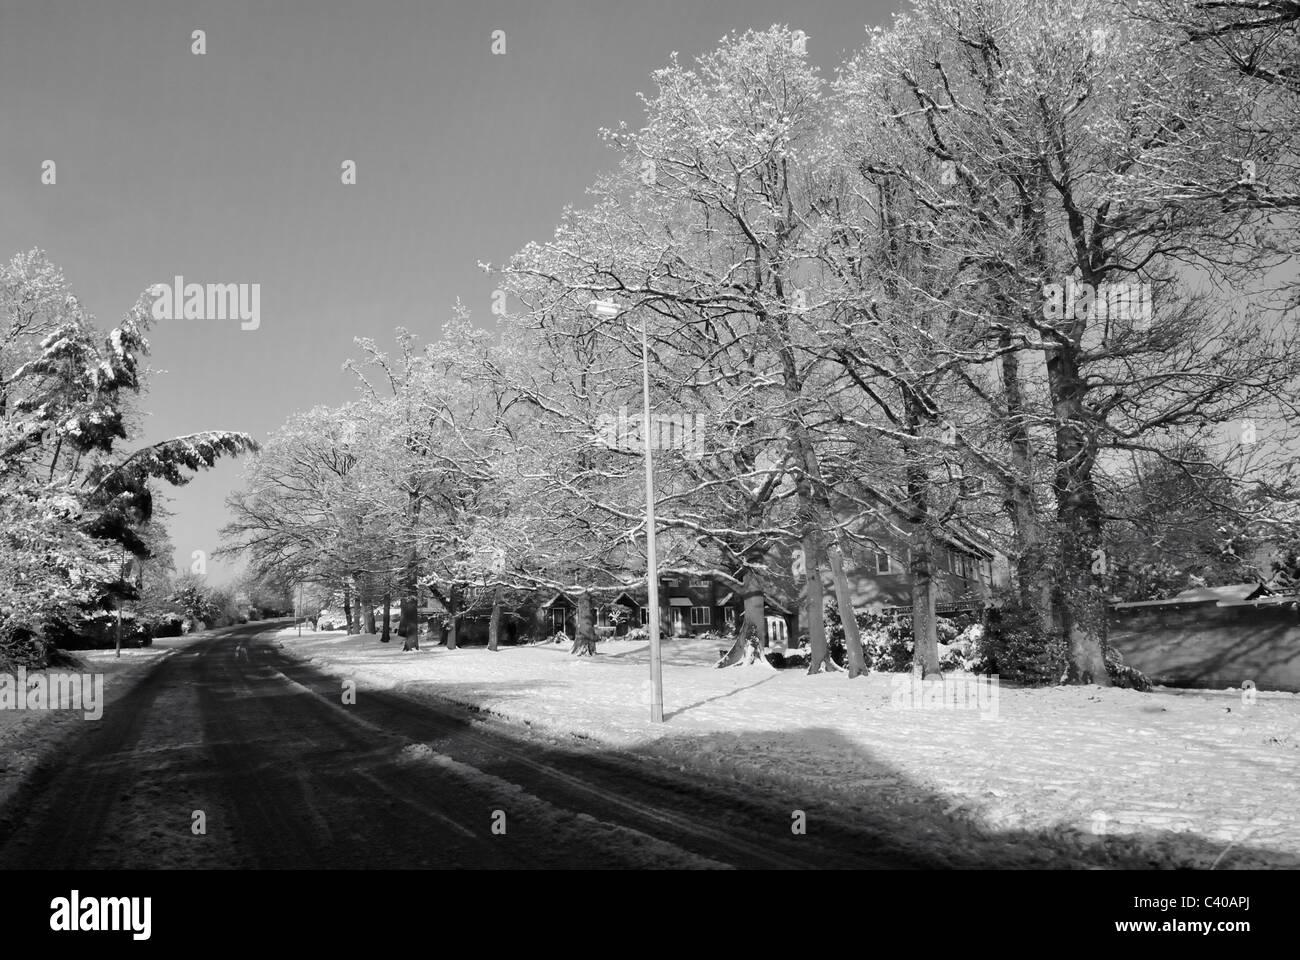 Black/white photo of Guttridge Lane, Tadley, Hampshire, England, UK United Kingdom. - Stock Image